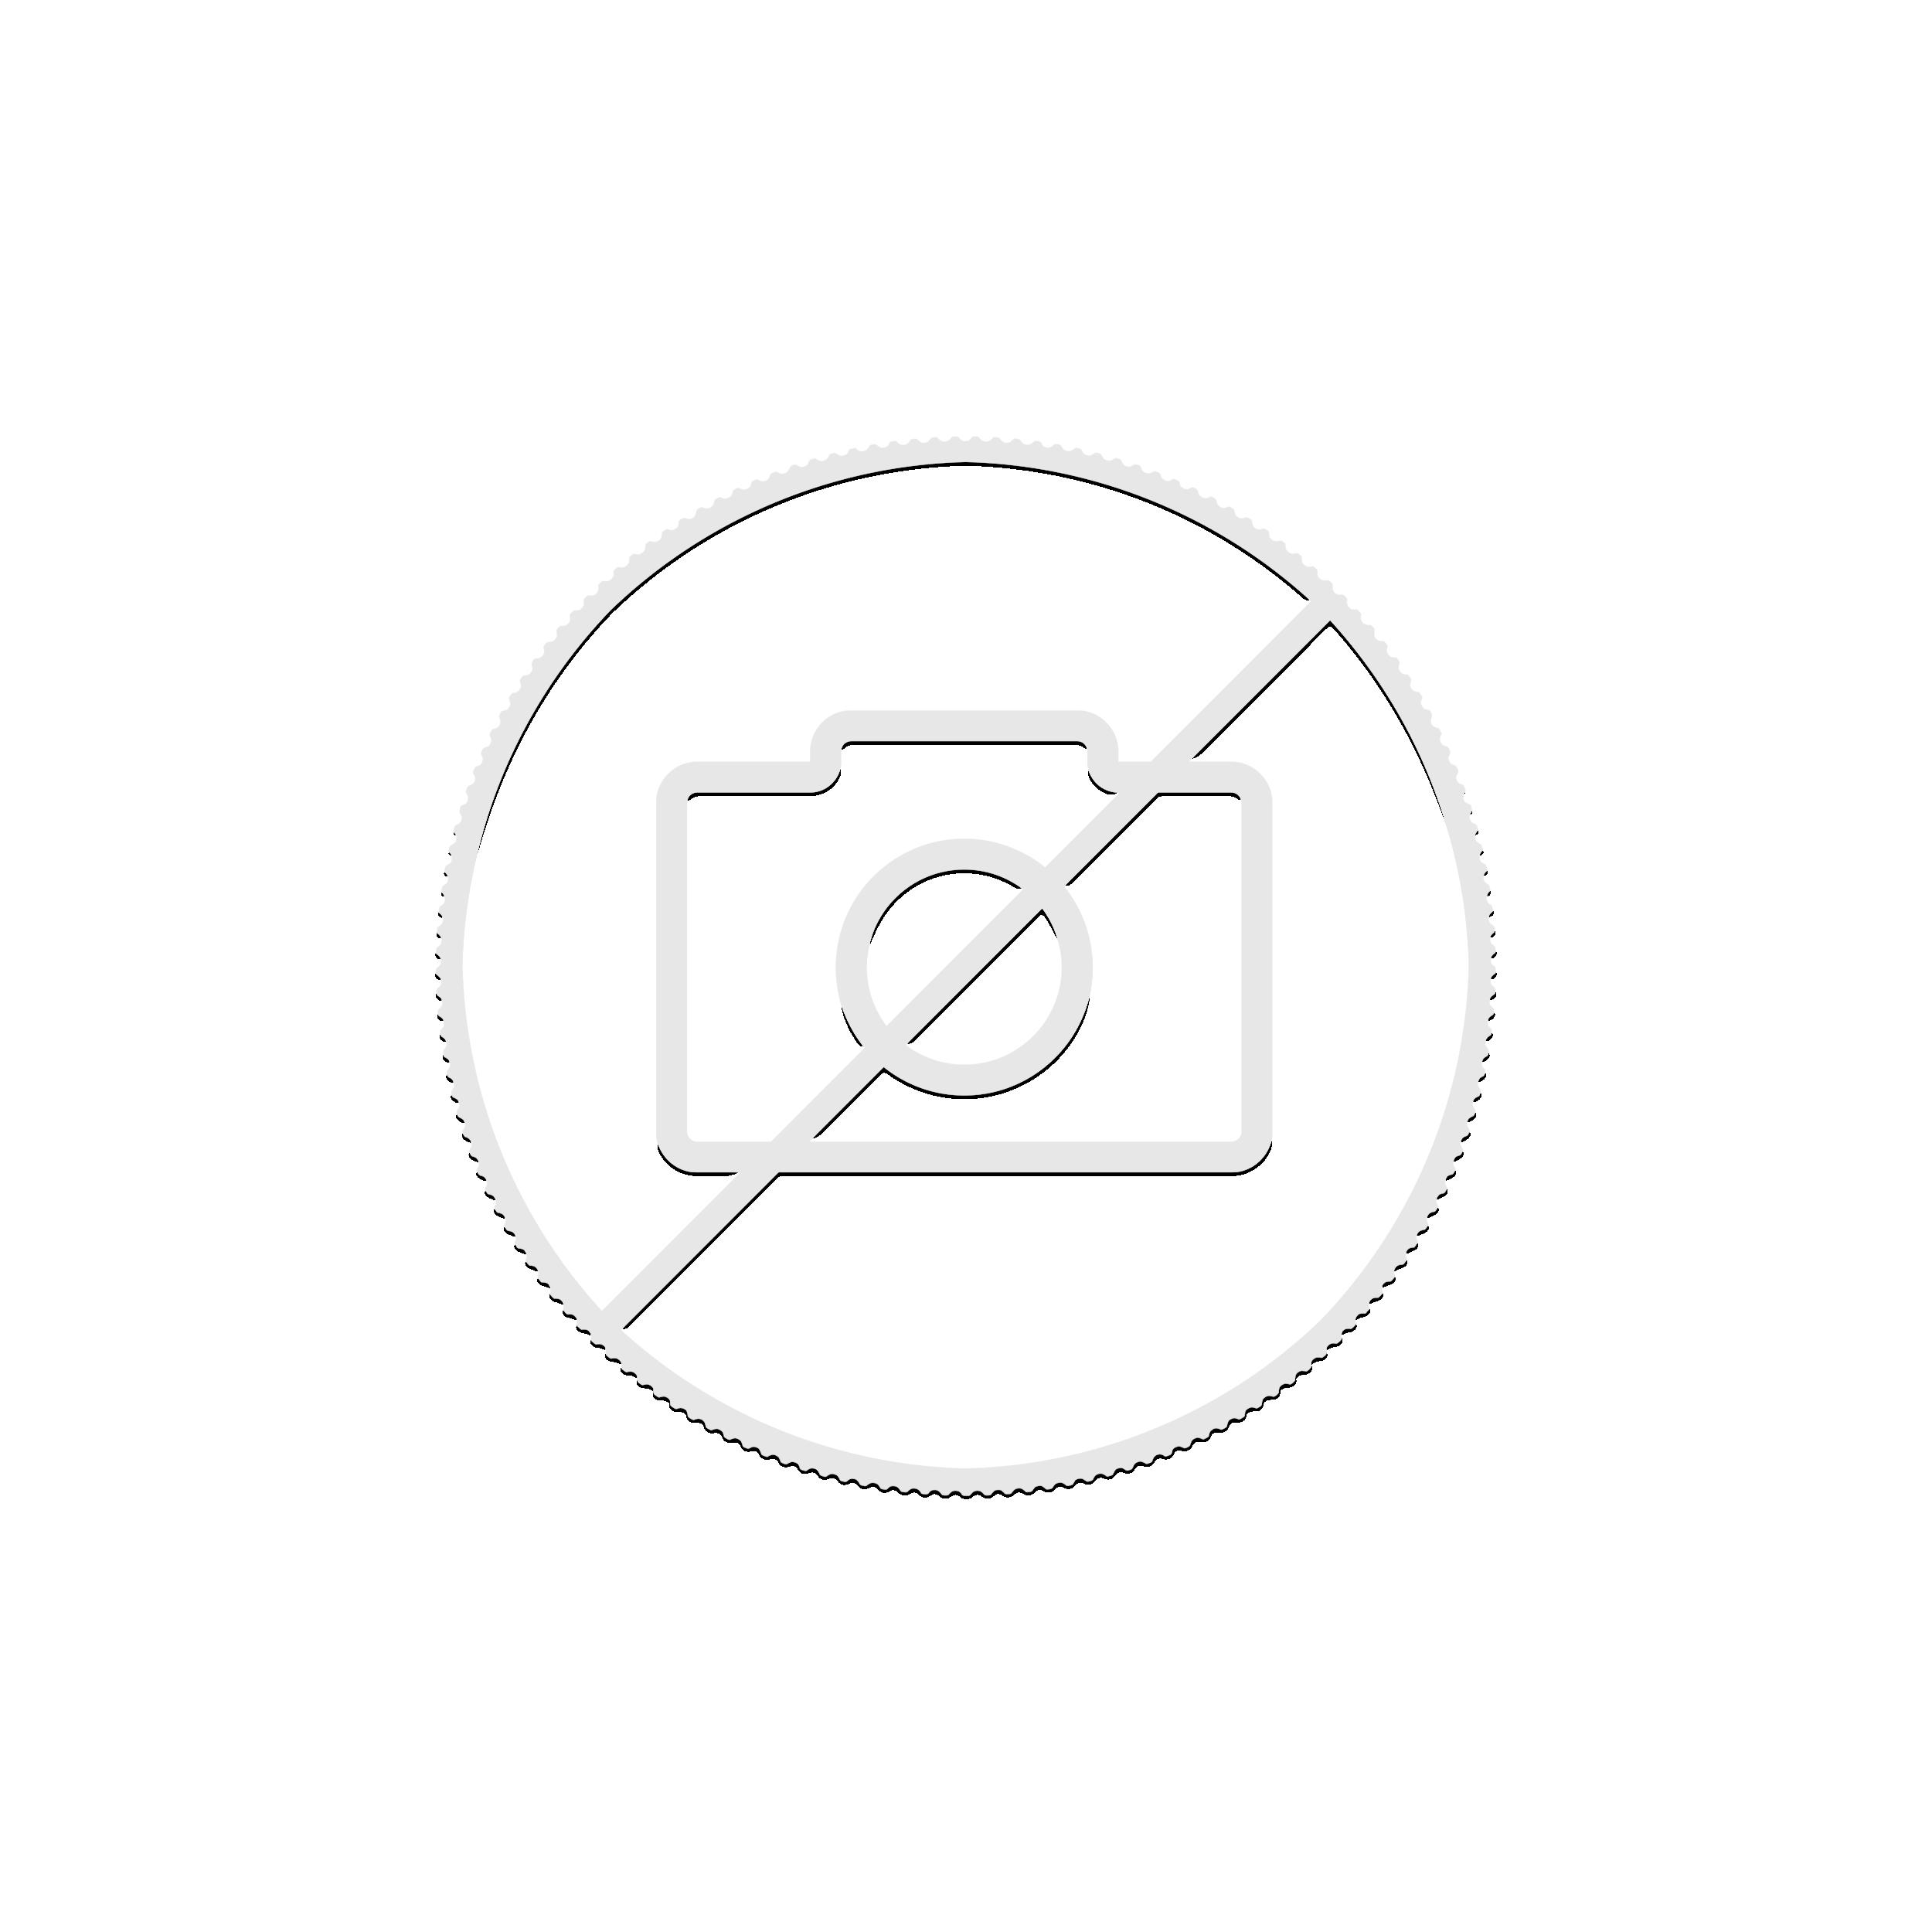 10 Sterling silver coins 5 Florin Aruba